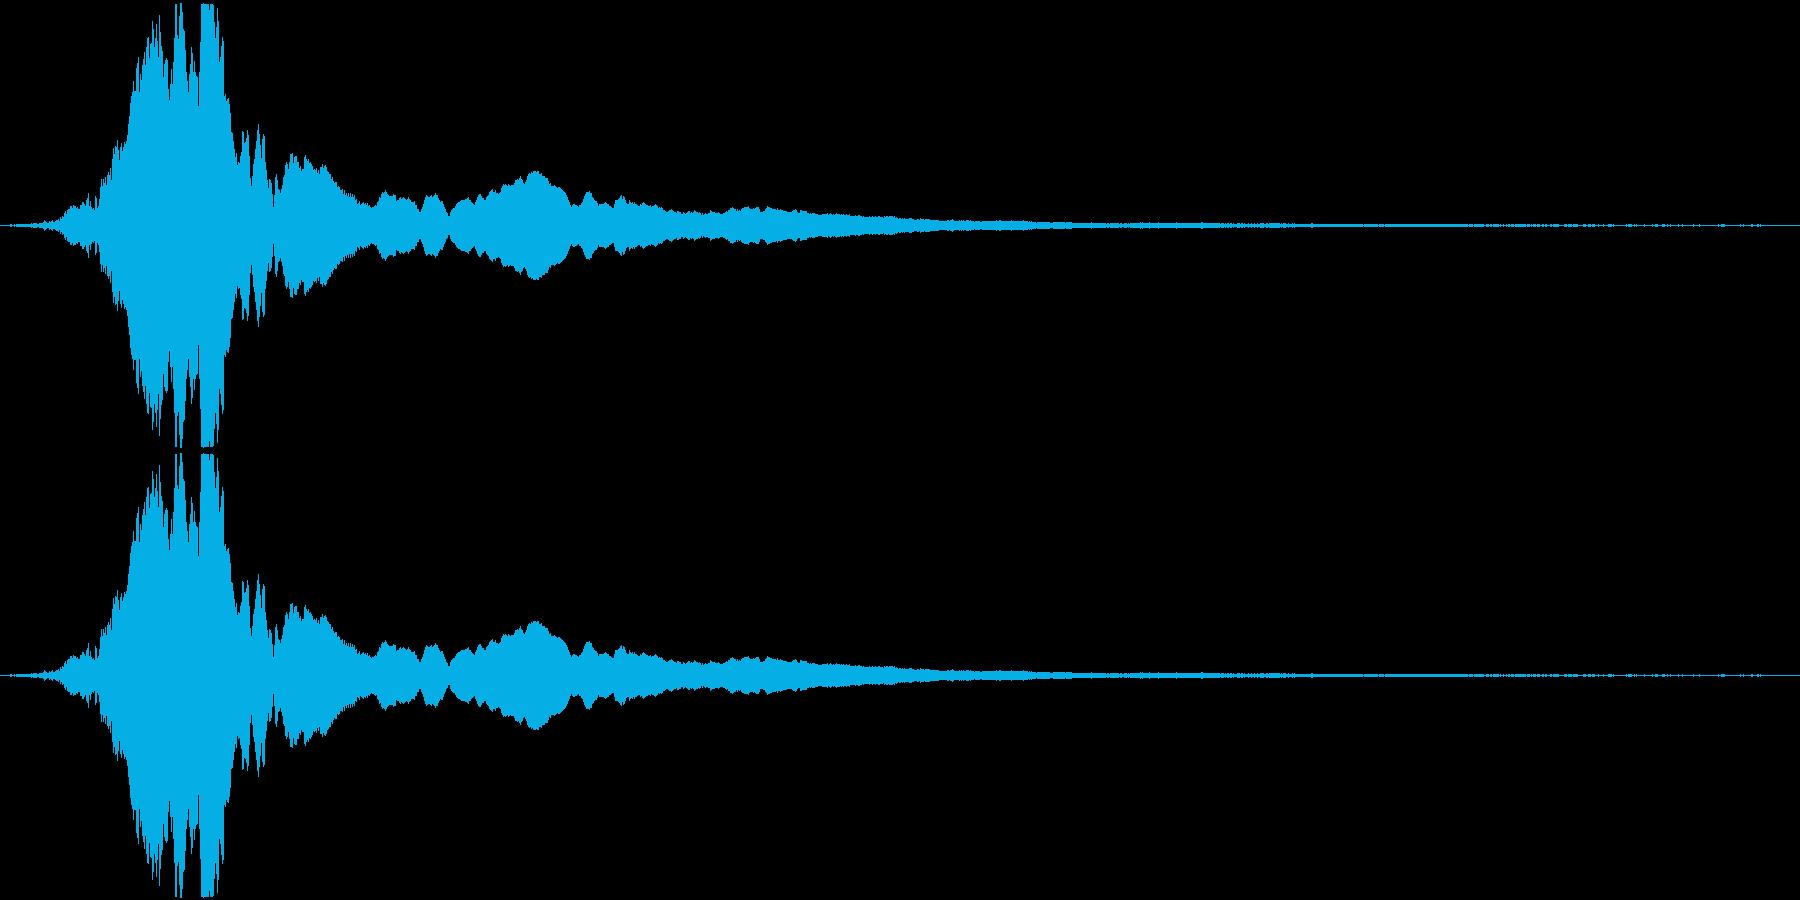 ピューン!3 の再生済みの波形